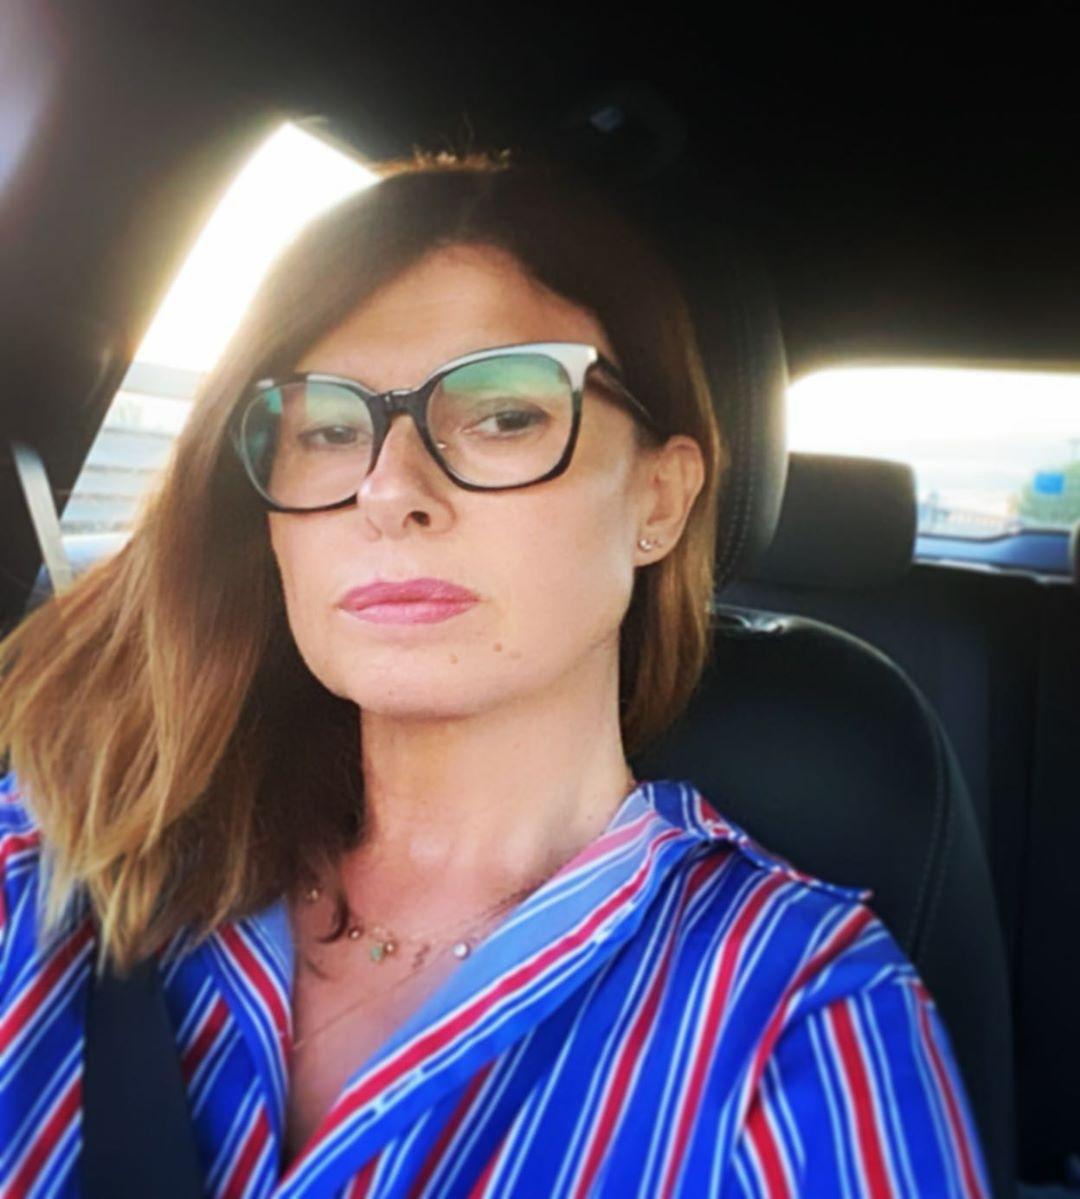 Simona Bosio, che ha raggiunto la notorietà grazie a Uomini e Donne Over